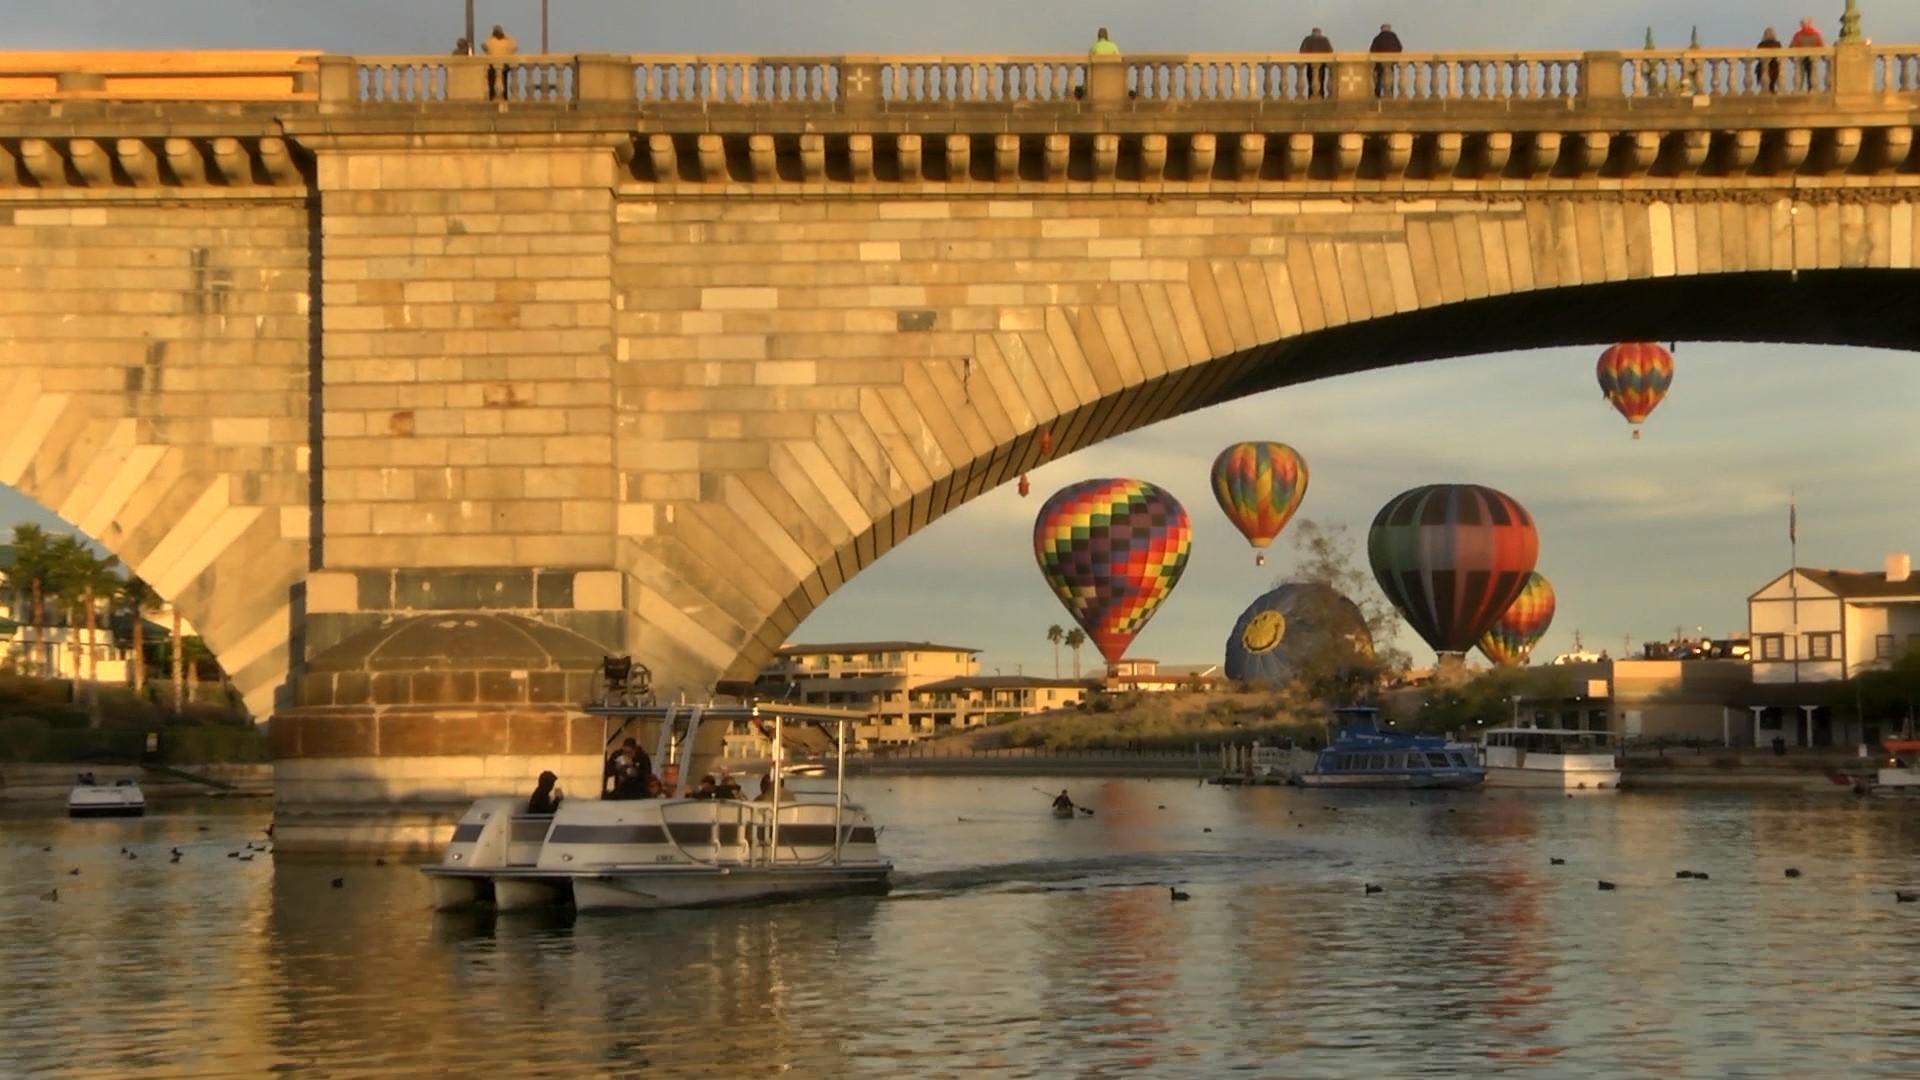 SWS Balloon Festival Episode Mar 8 1080p